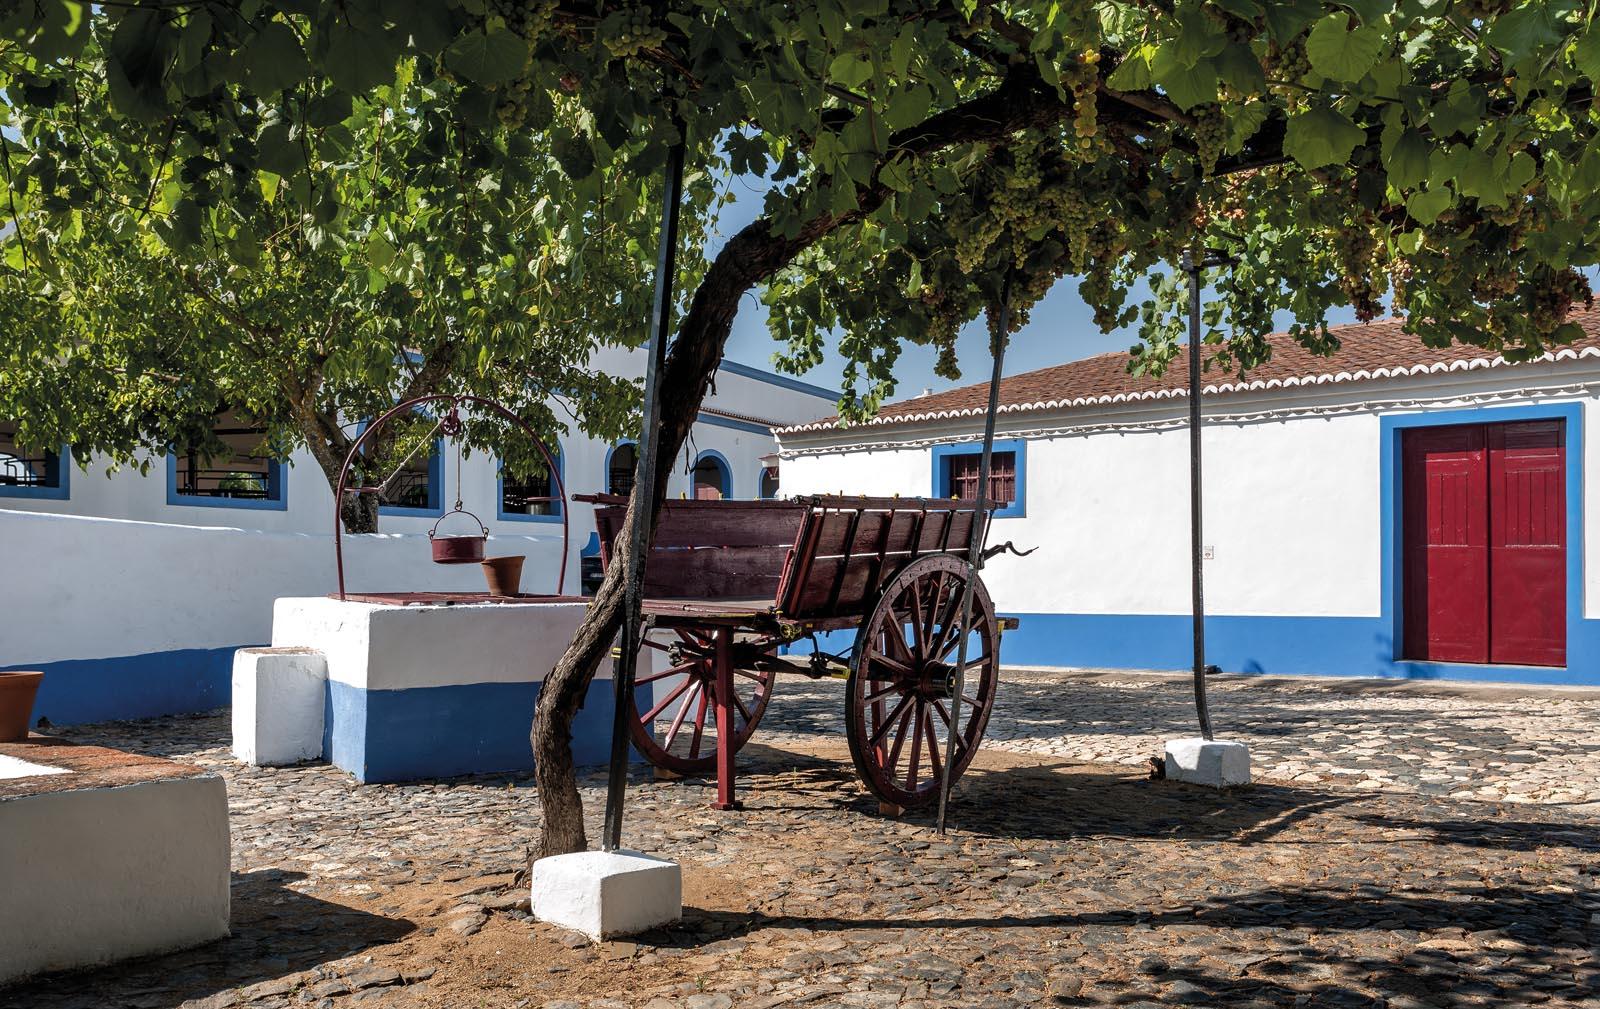 Adega José de Sousa – 4 Vinhos & Tapas